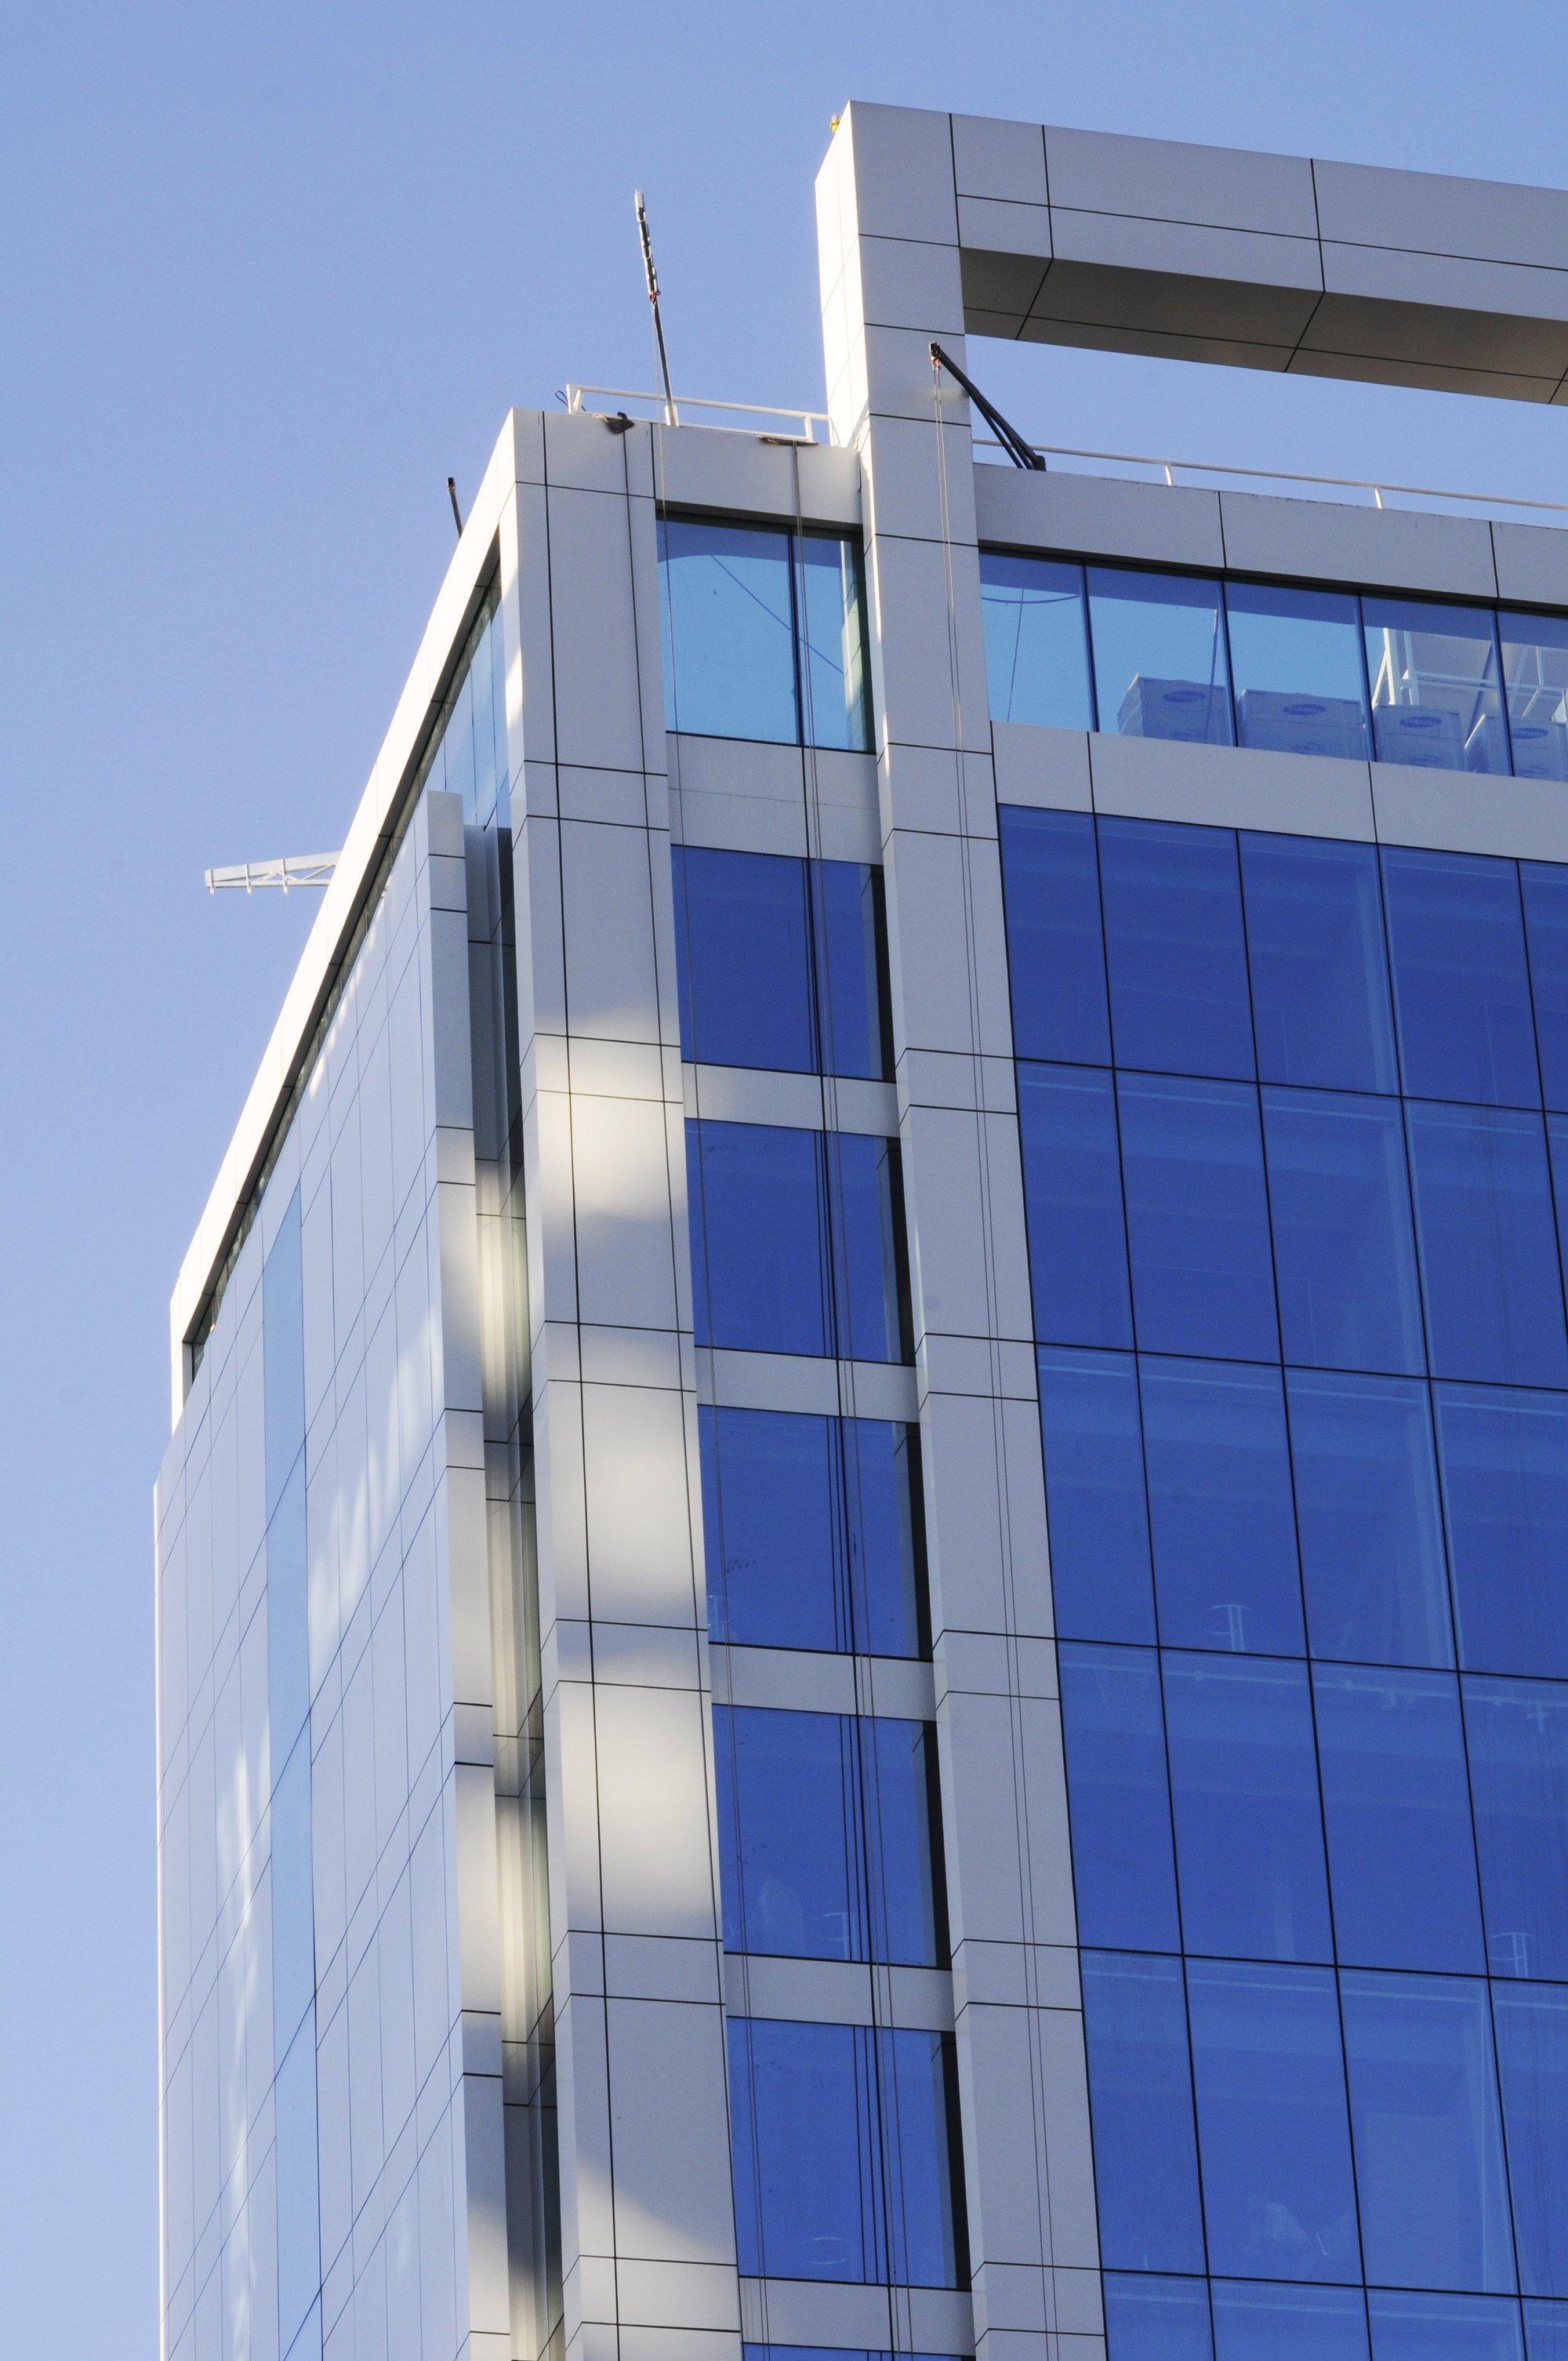 Galer a de las vigas celulares en la construcci n de for Construccion de oficinas